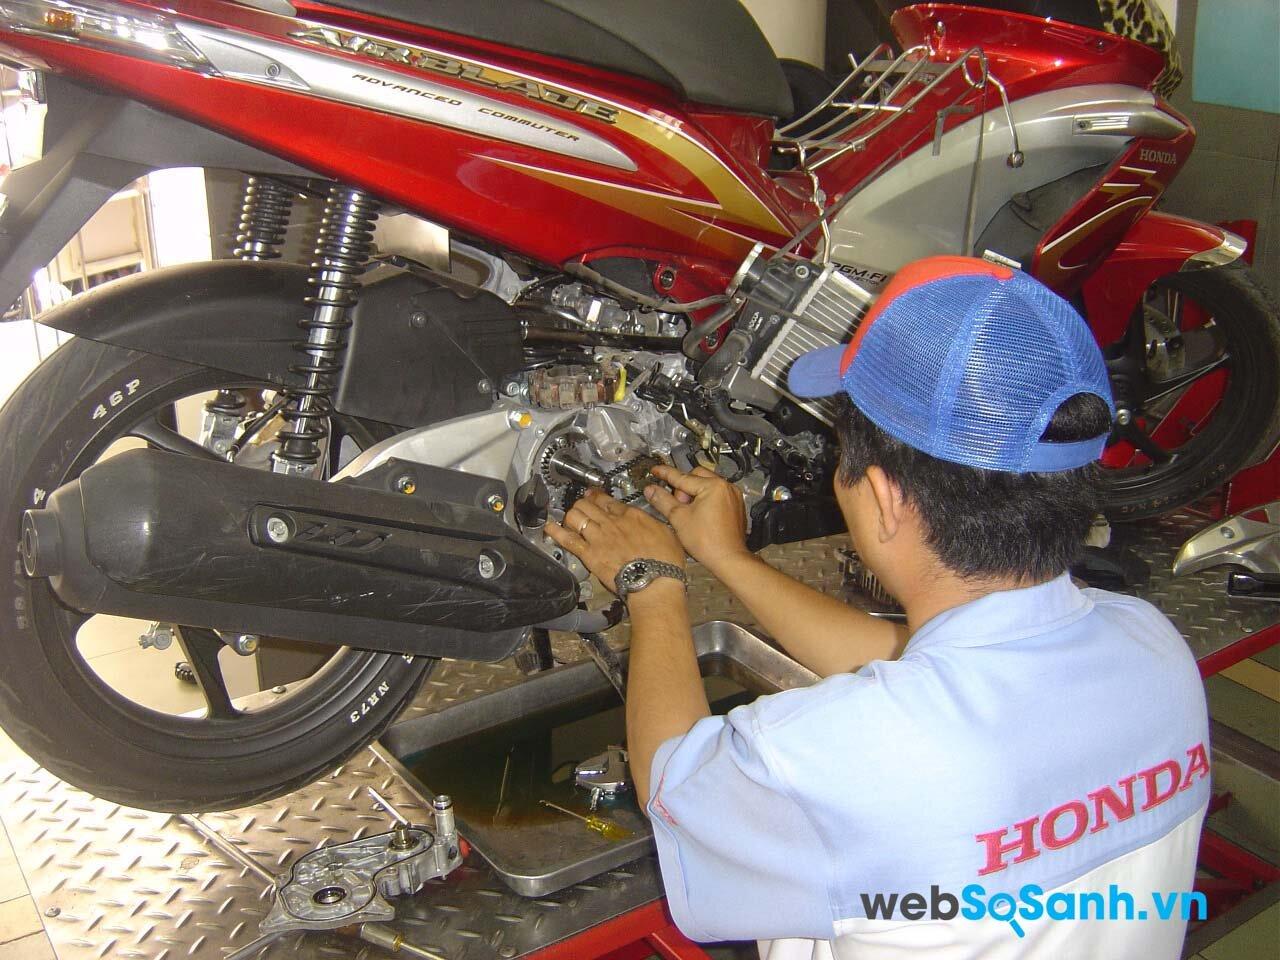 Một cửa hàng sửa chữa uy tín sẽ đảm bảo cho chiếc xe của bạn vận hành tốt